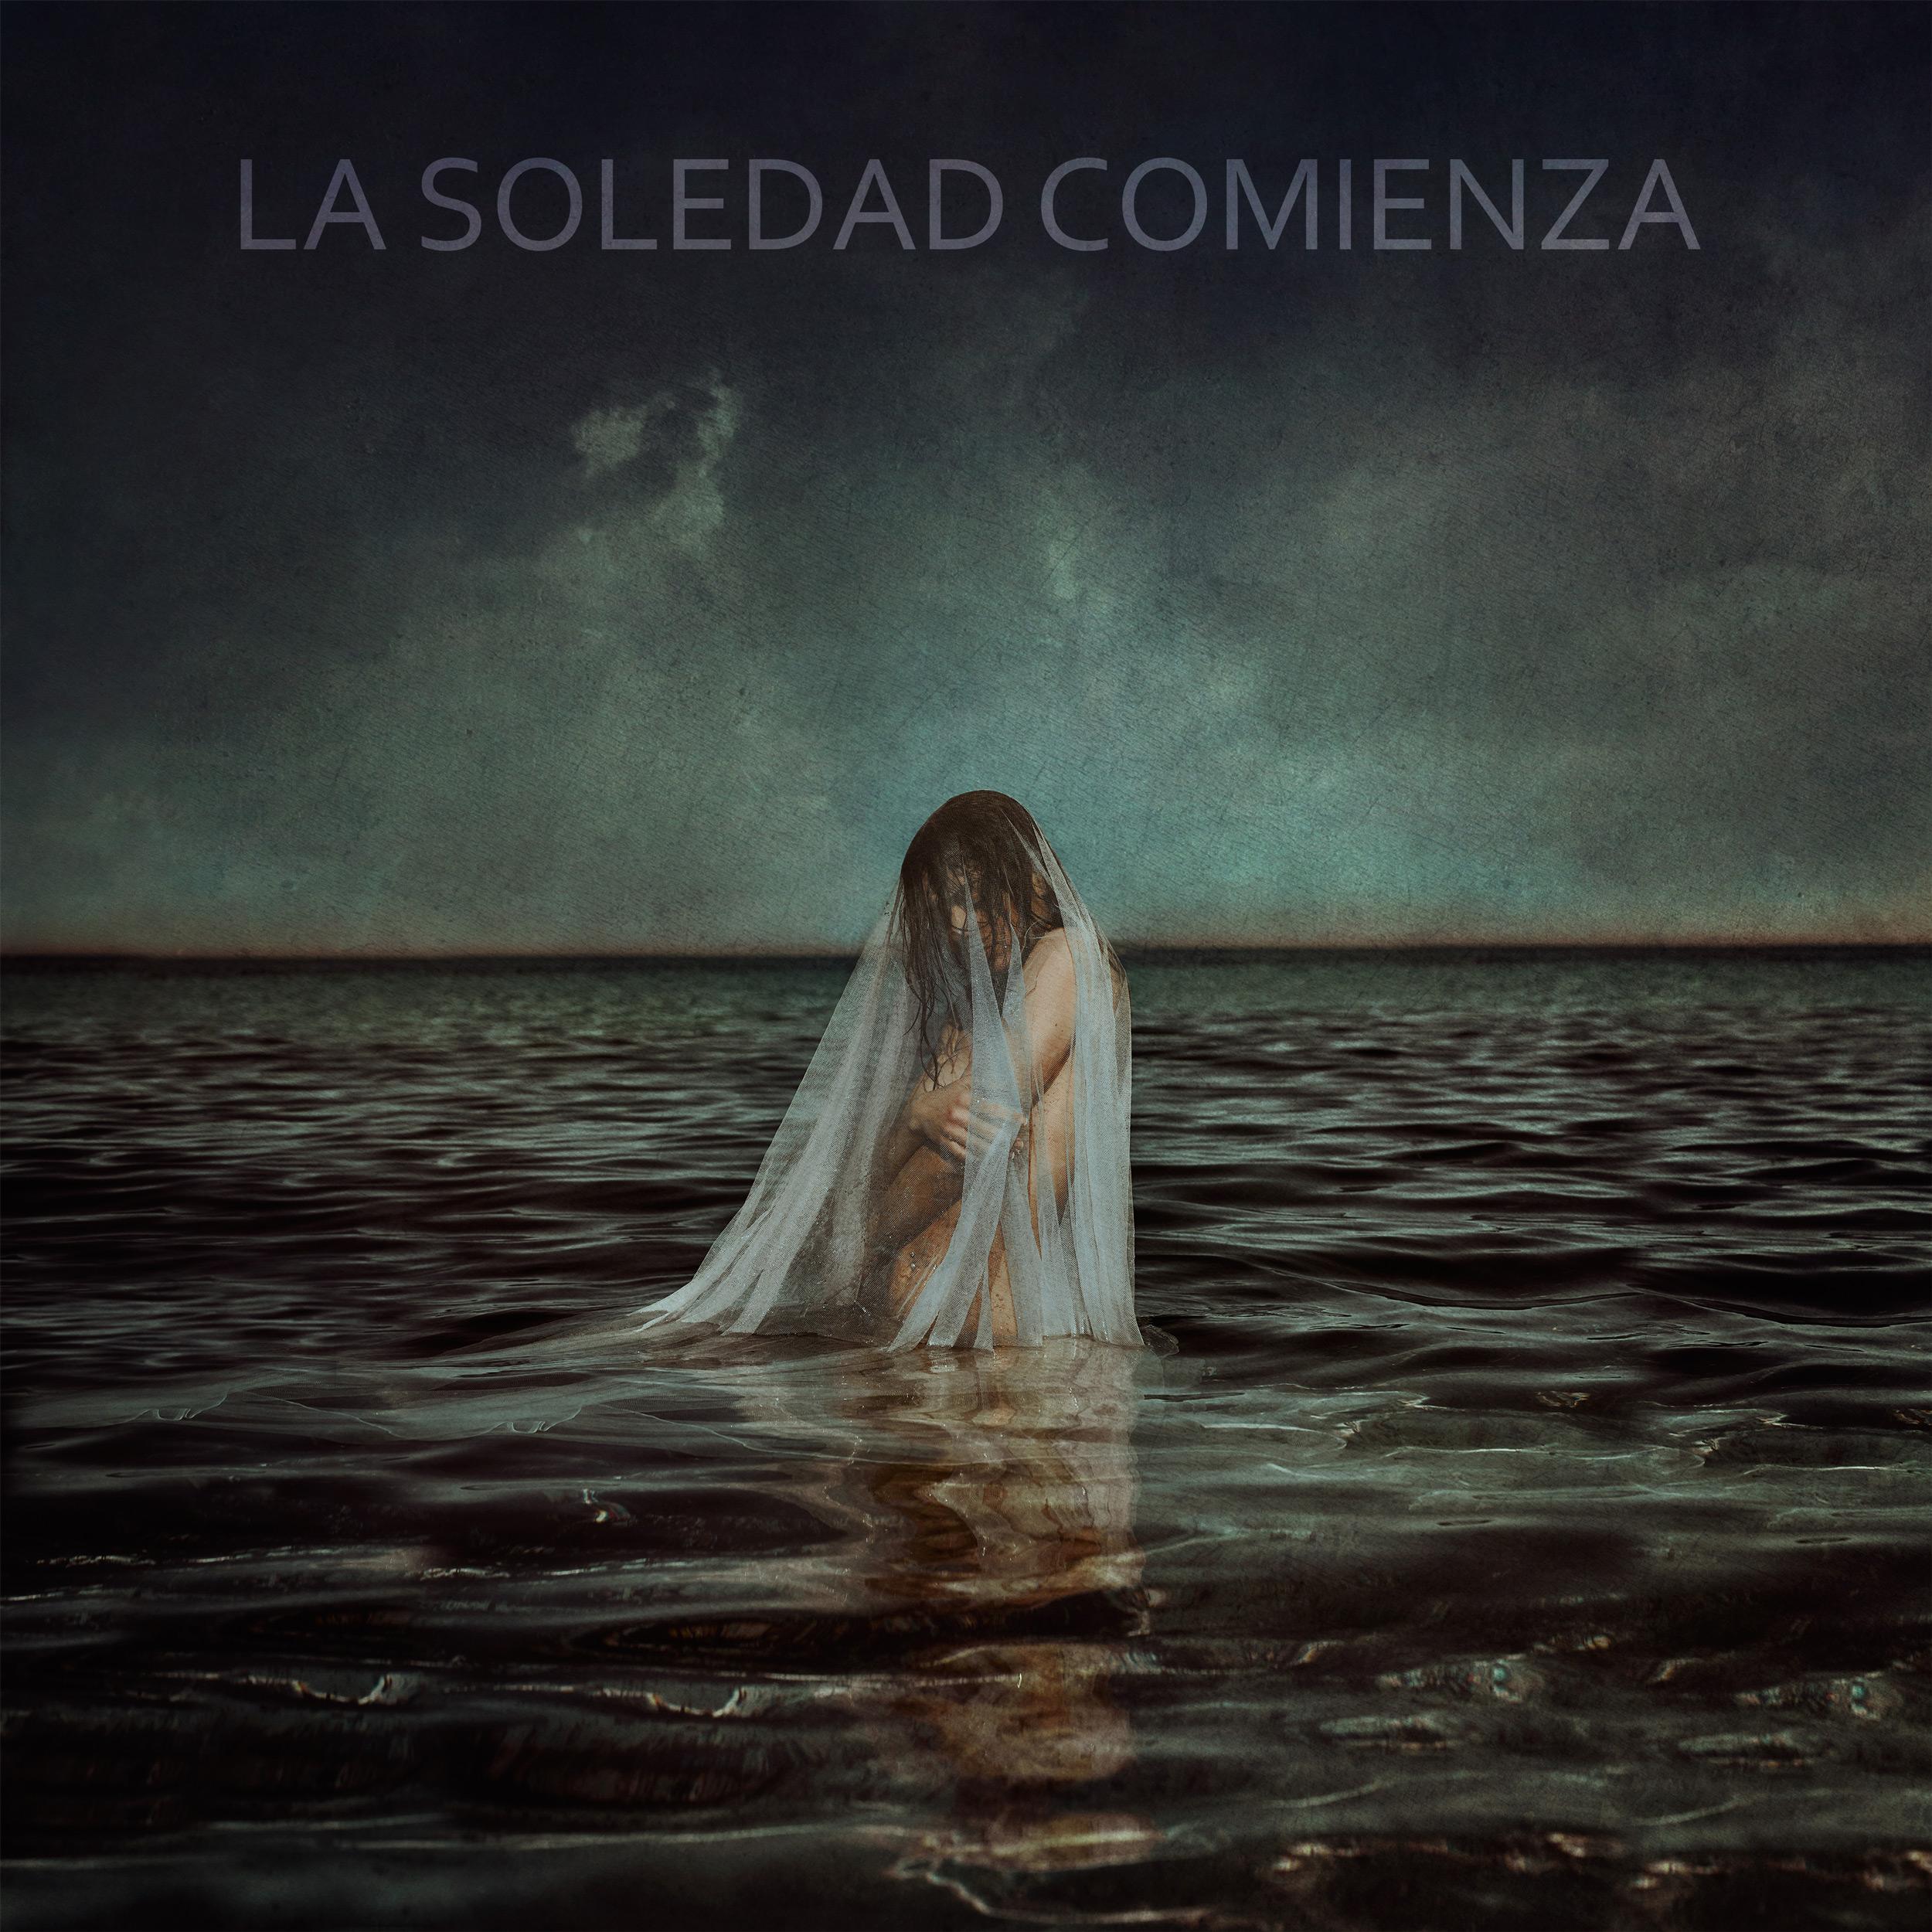 LA-SOLEDAD-COMIENZA